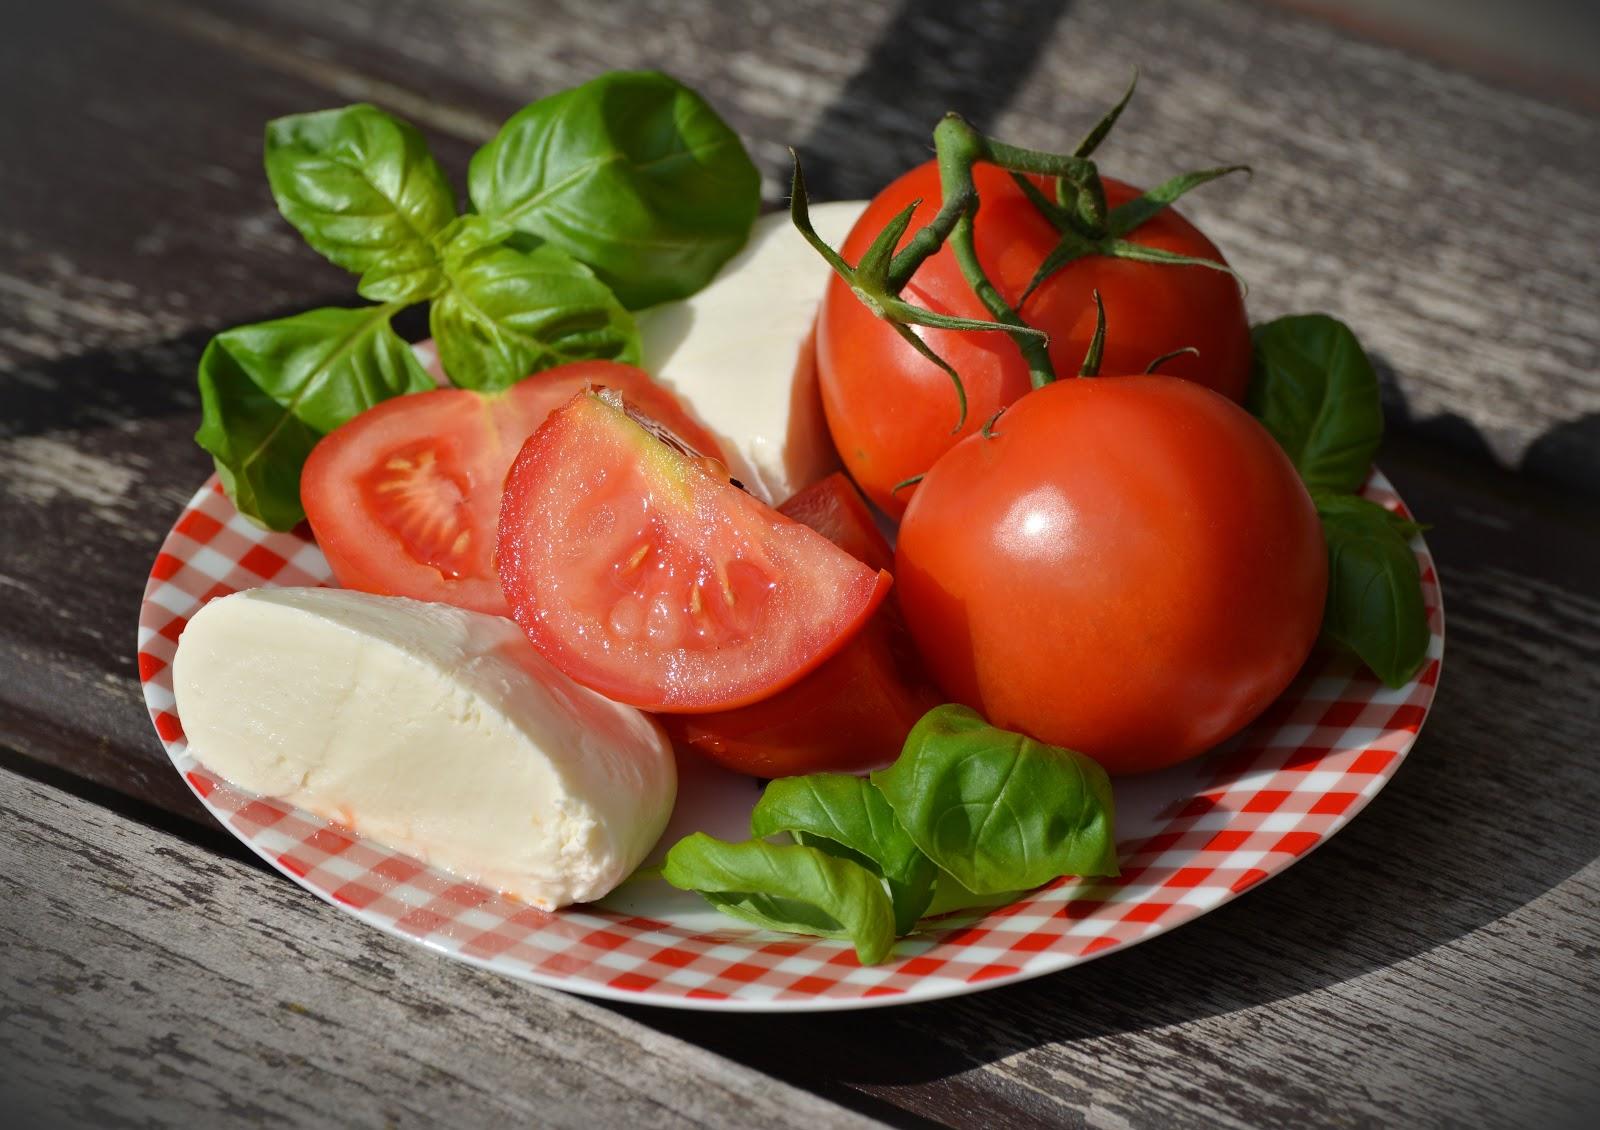 カプレーゼサラダ(トマトとバジルとモッツァレラチーズ)